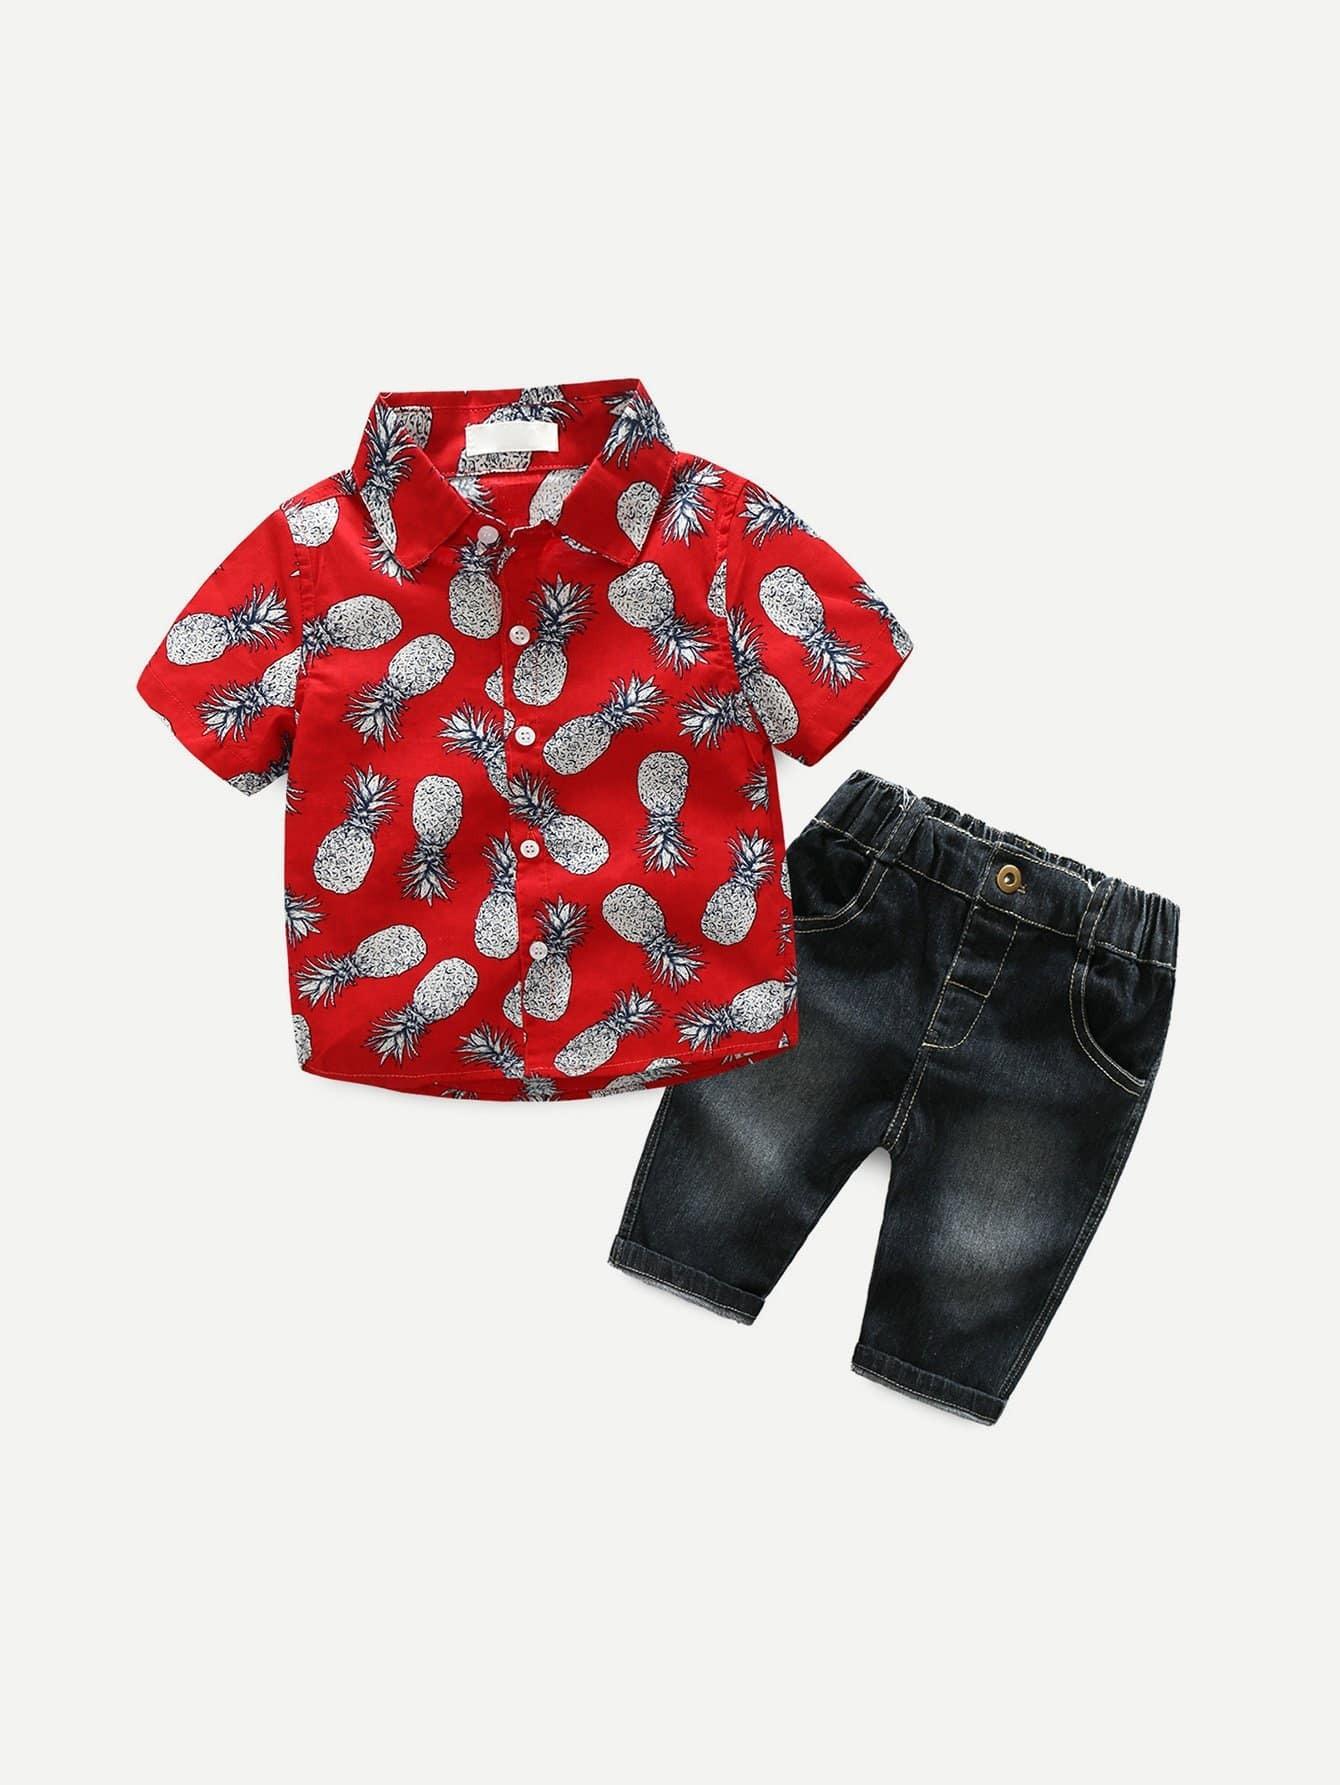 Boys Pineapple Print Shirt With Pants boys star print top with pants